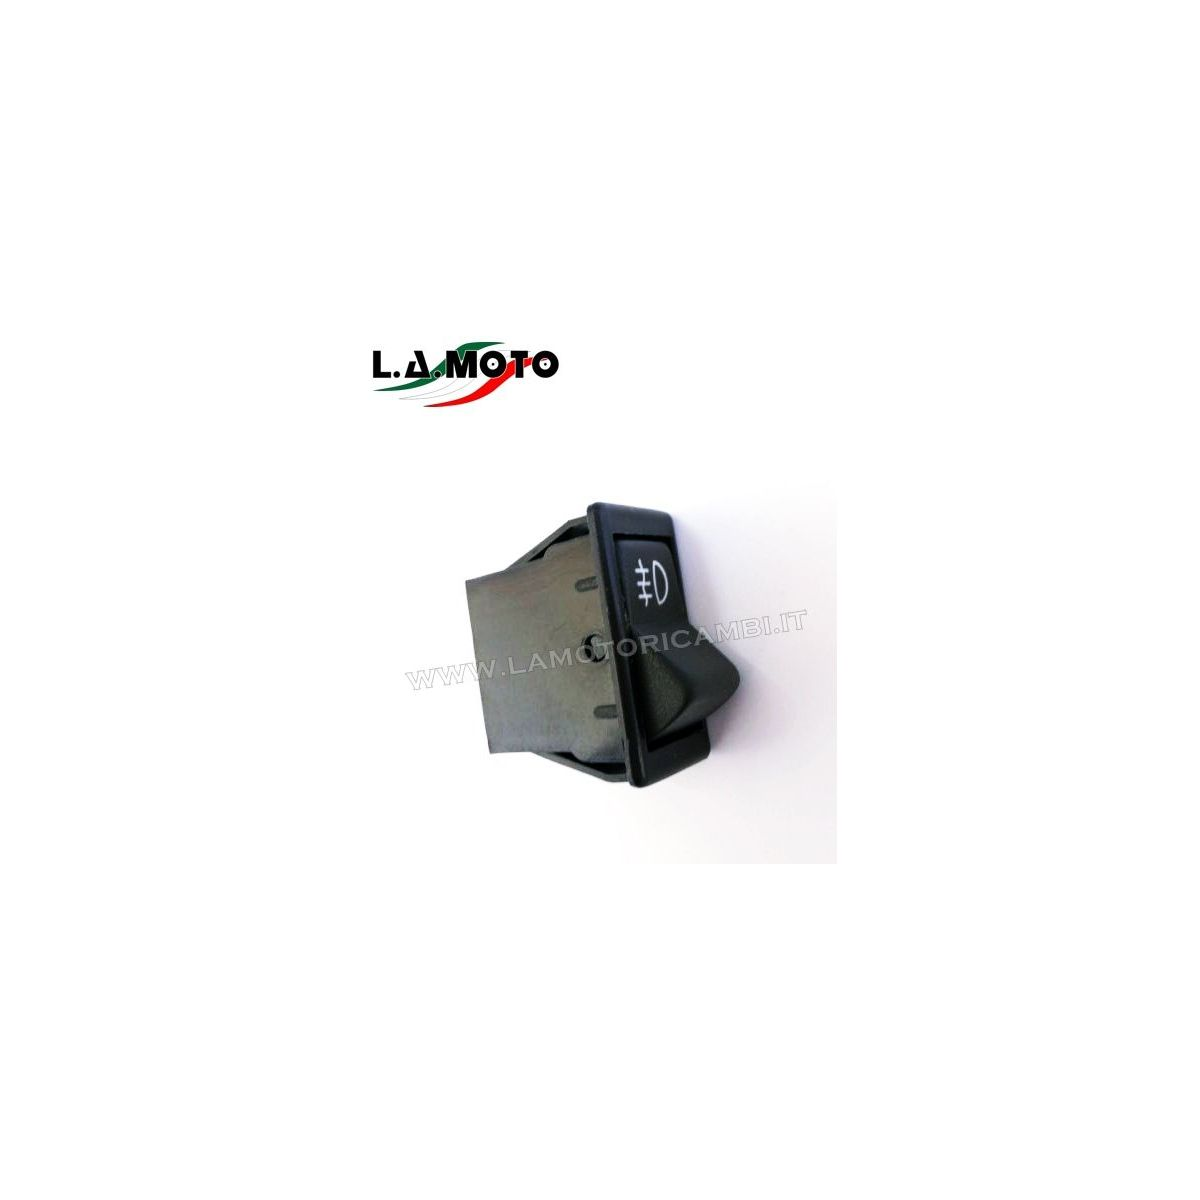 Interruttore luci retronebbia per APE r.o. 230066